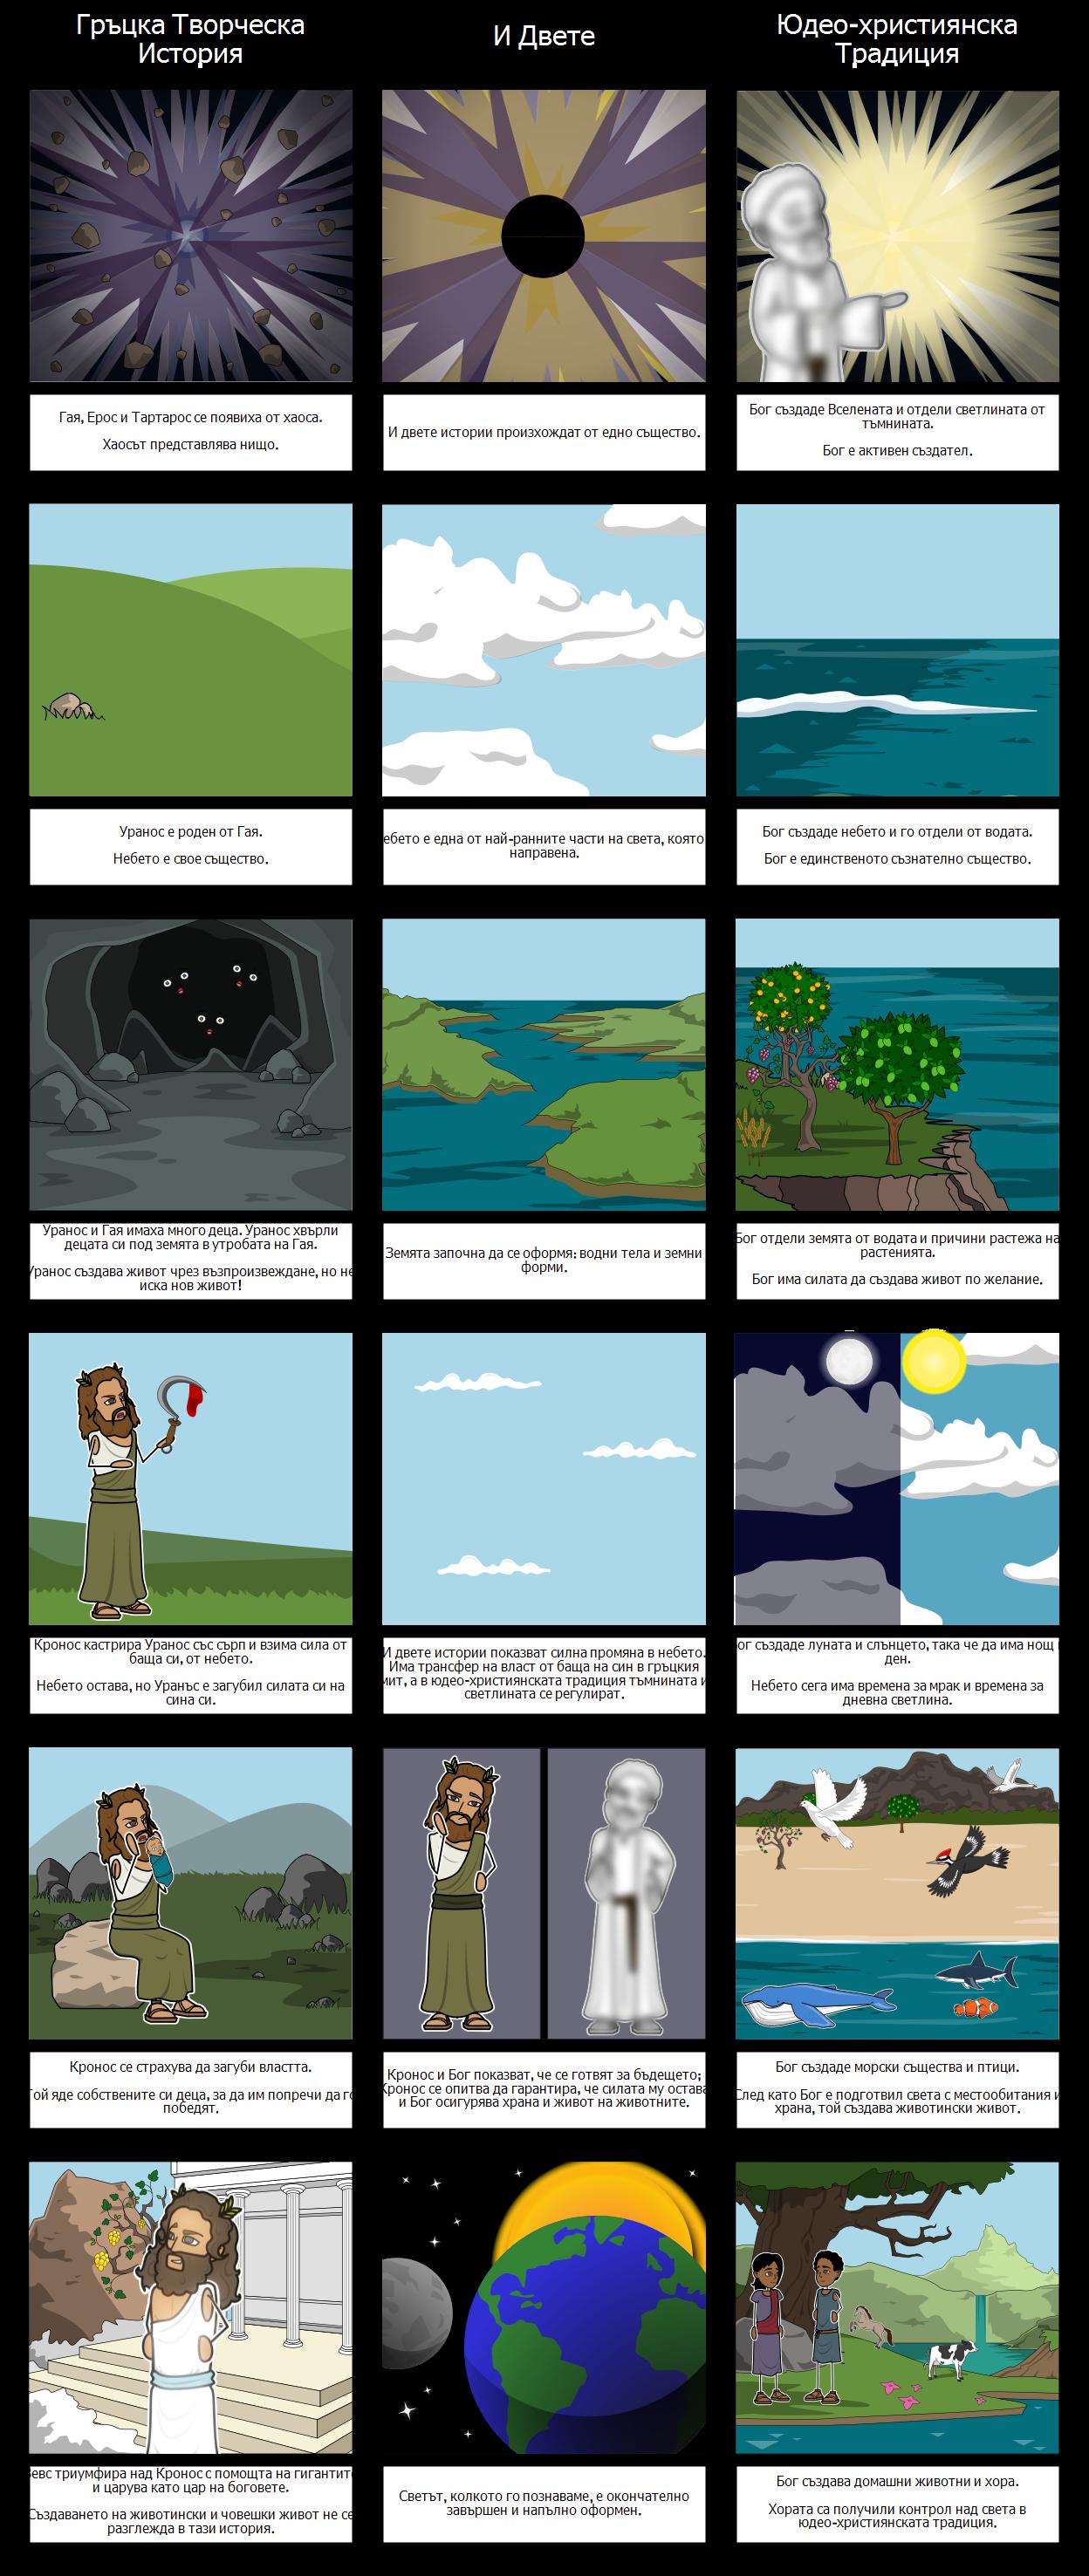 Сравнение на Сътворението на Гръцката Митология